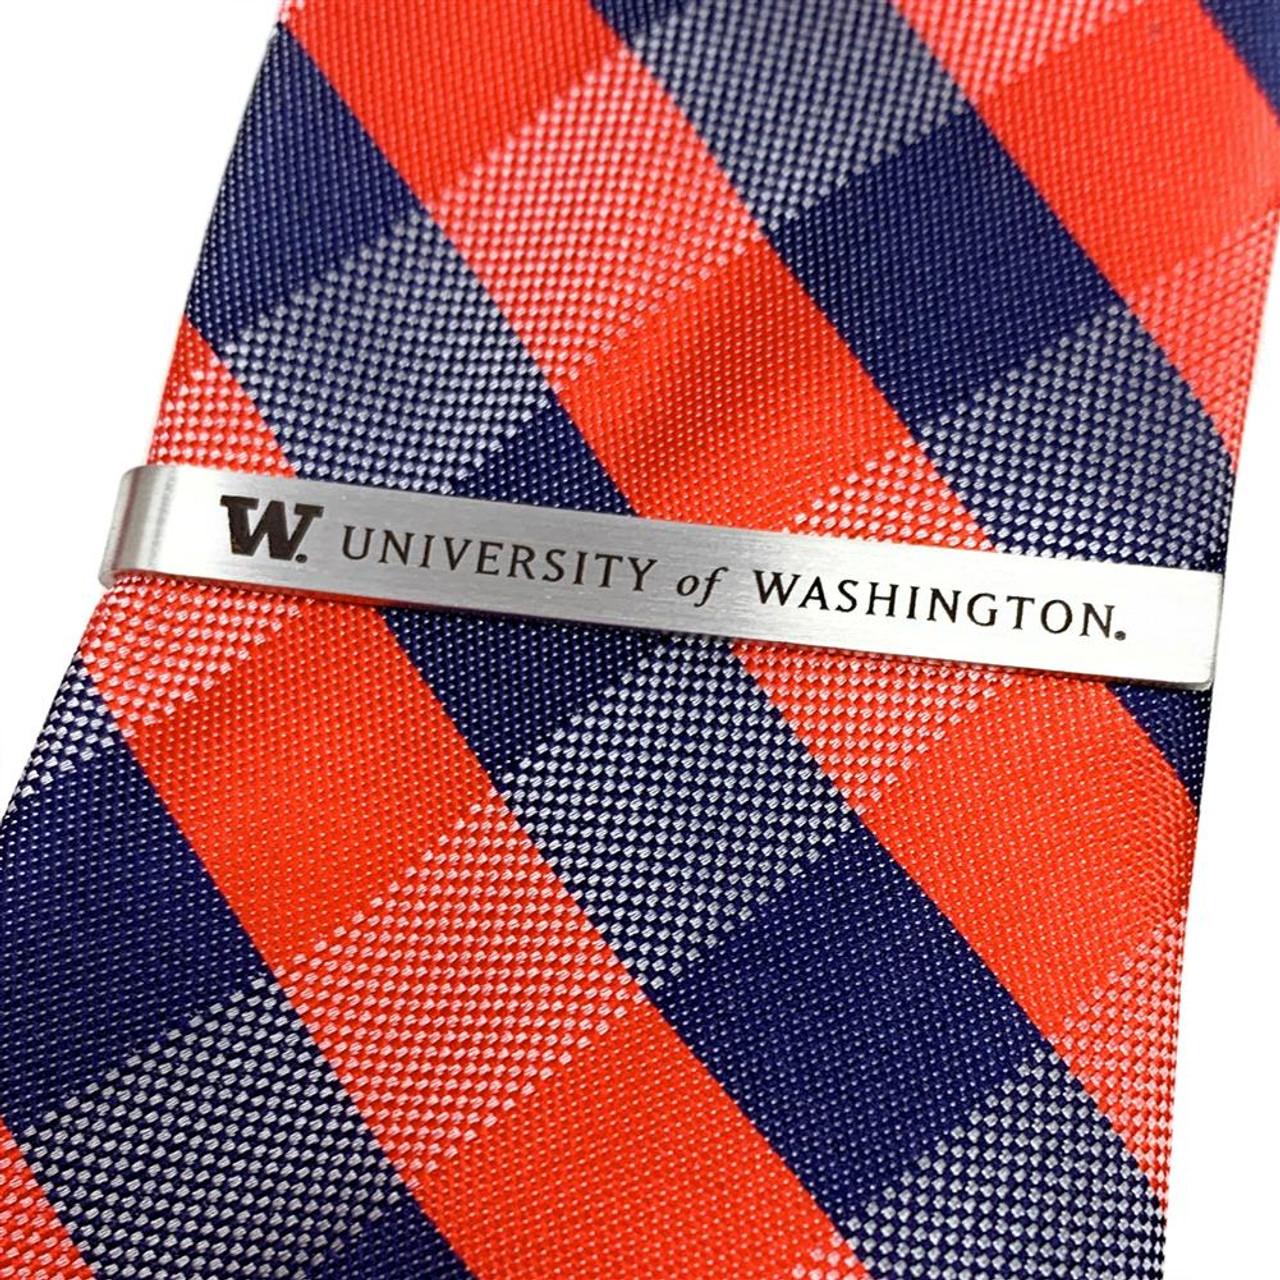 Syracuse University Tie Clip Silver Tie Bar Gift Set